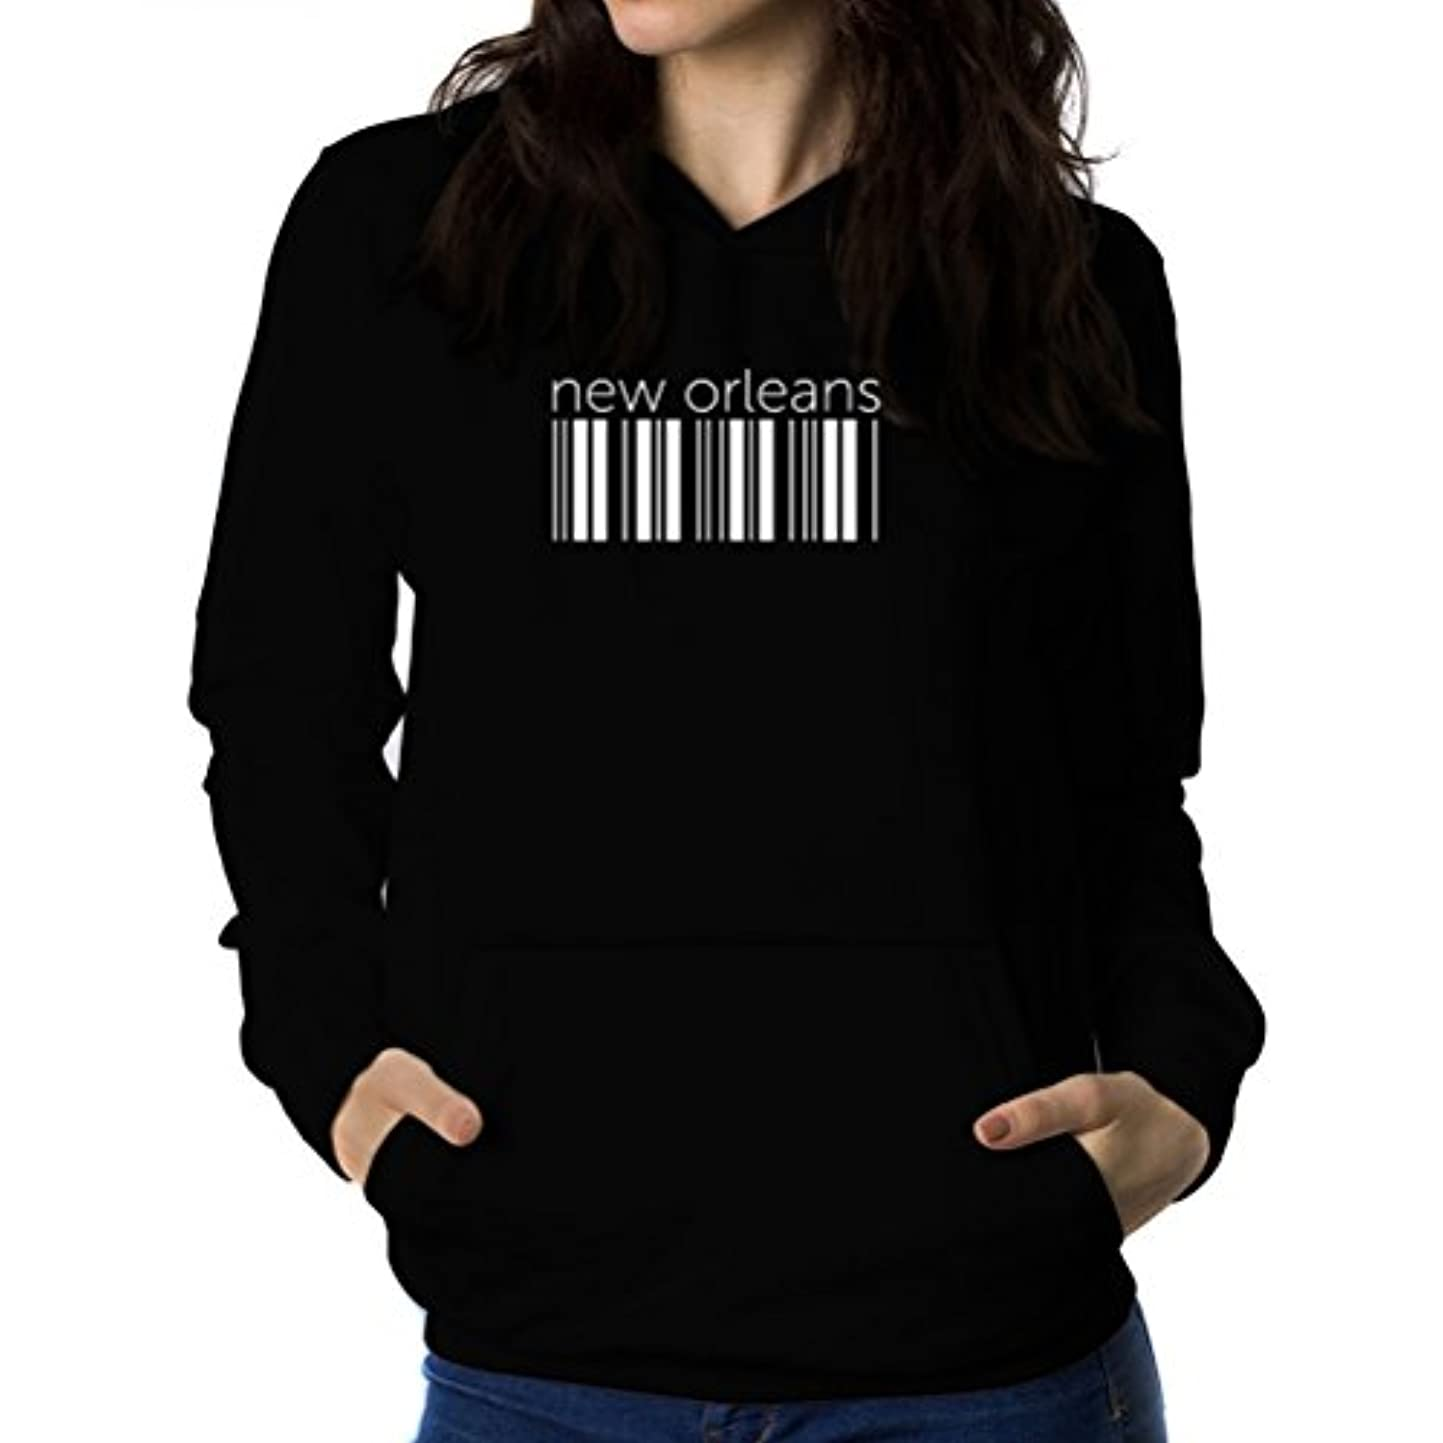 前進喉が渇いた支配するNew Orleans barcode 女性 フーディー